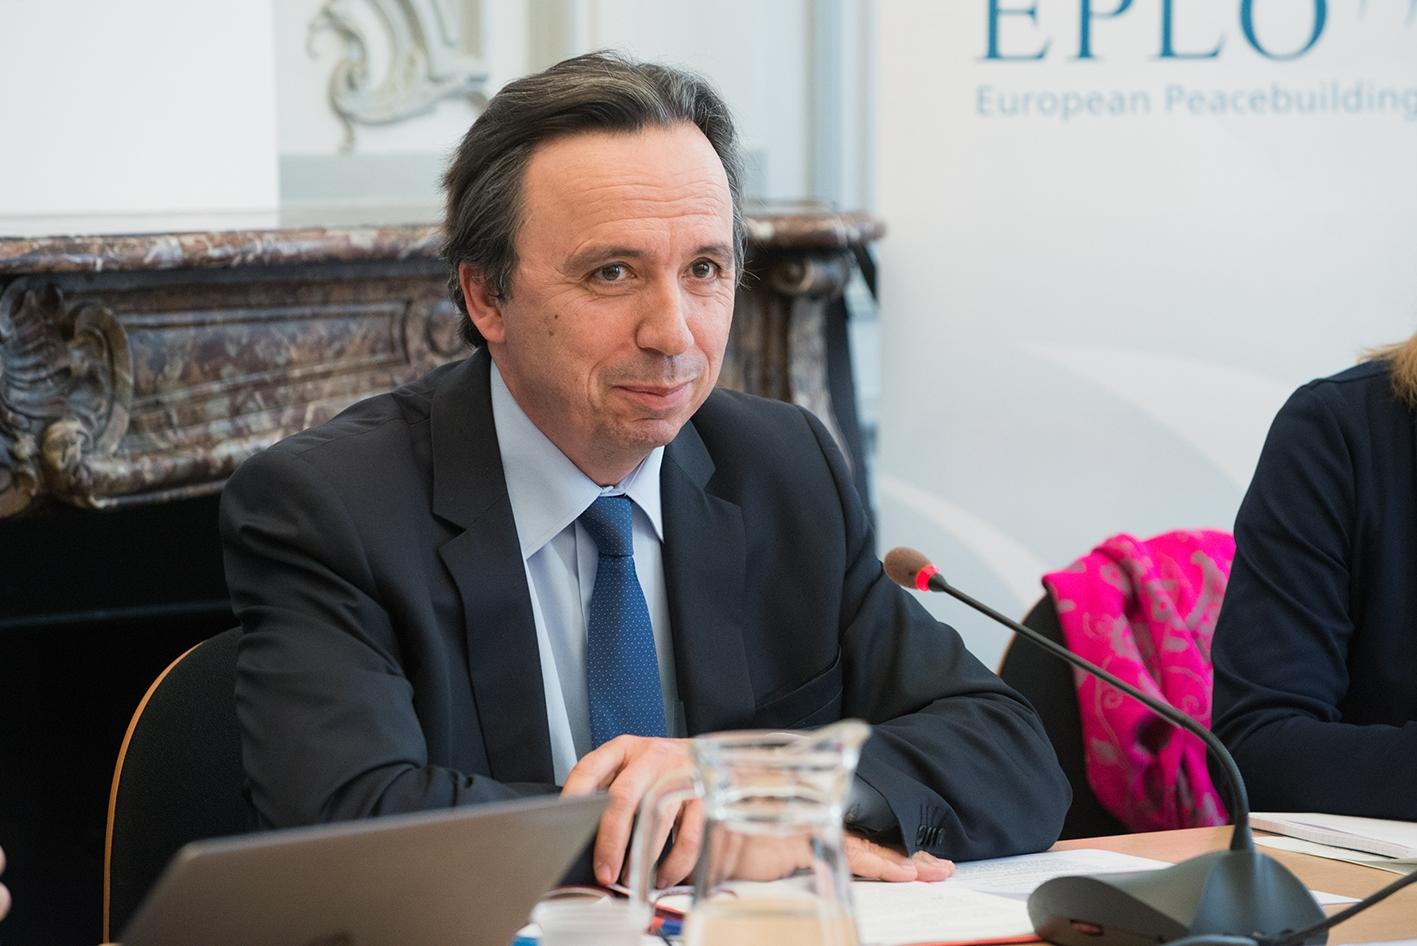 La France face à la stratégie globale de l'UE